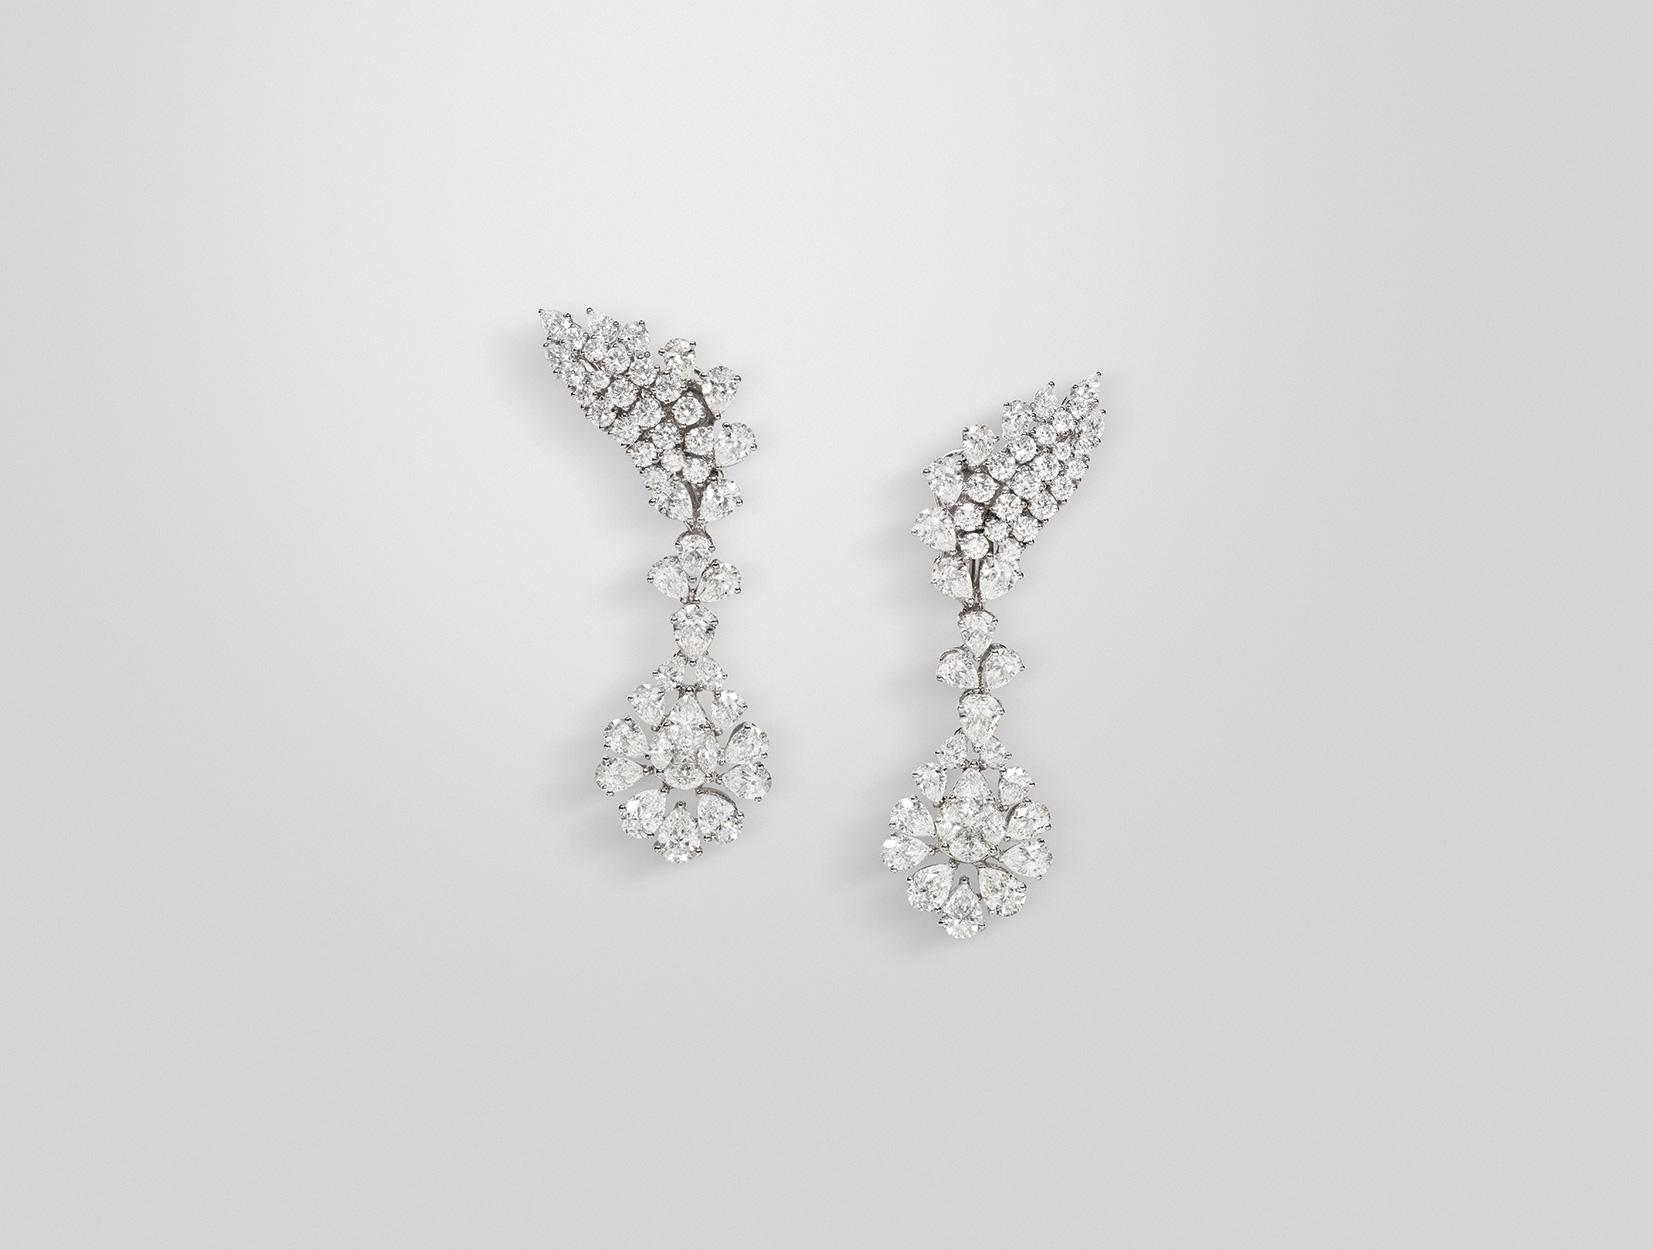 Diamonds Earrings 01 | Maria Gaspari